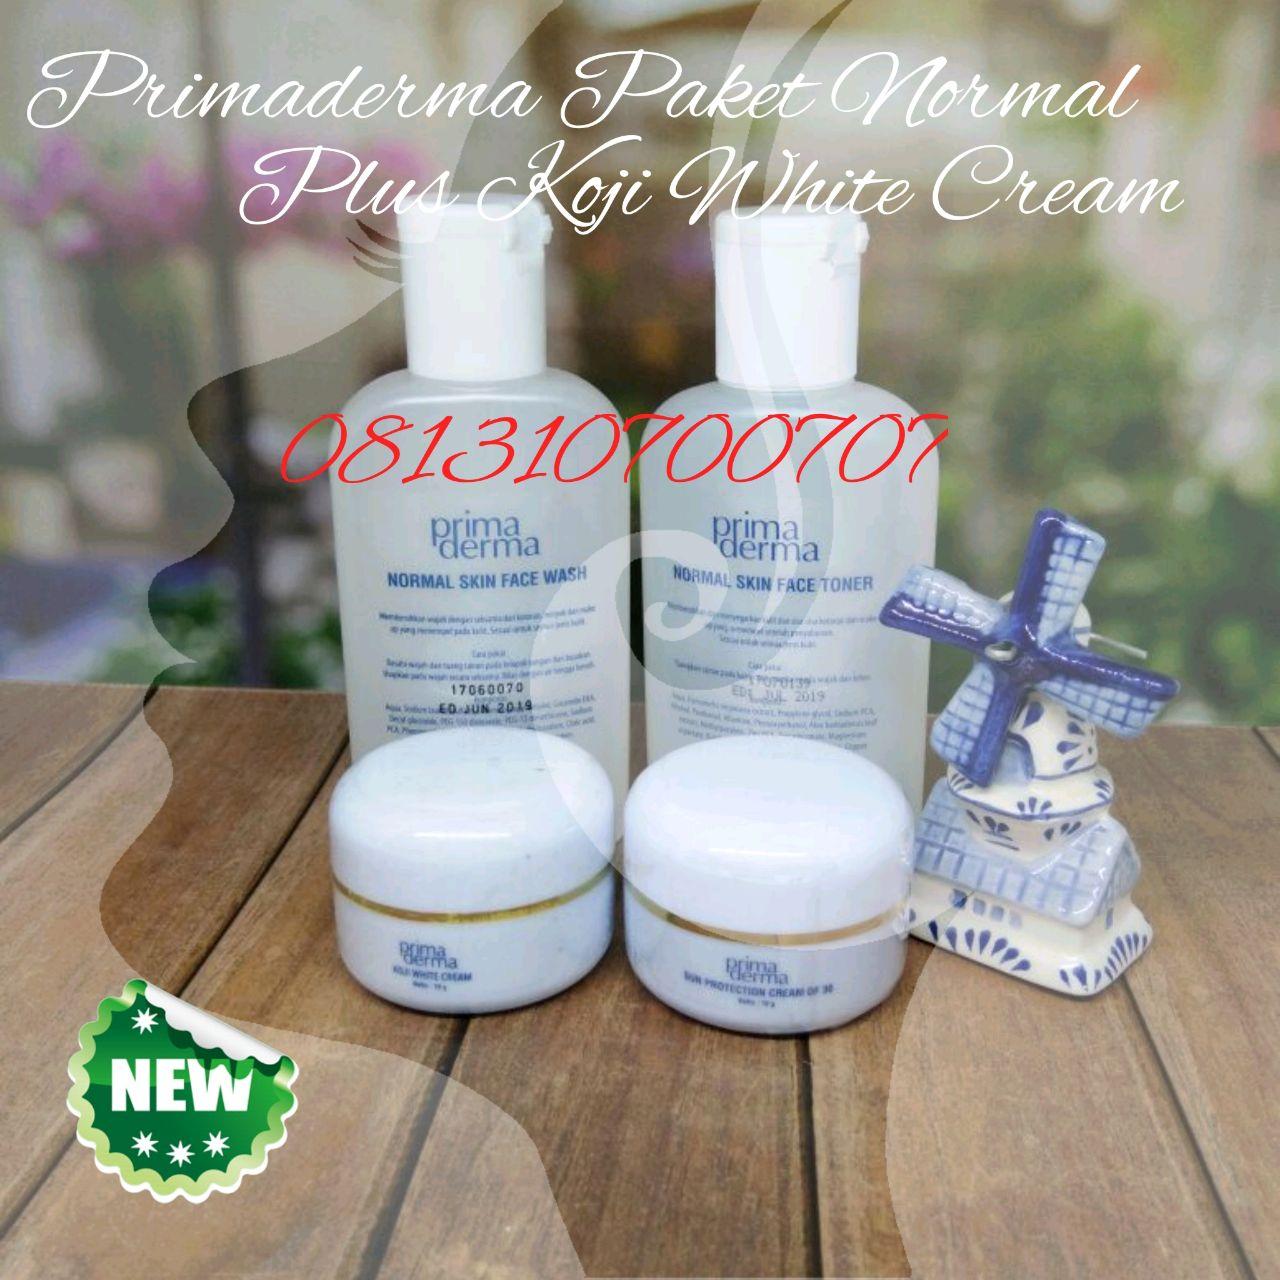 Jual Cream Wajah Theraskin Asli Harga Murah Paket Acne White Lengkap Serum Pemutih Pria Terbaik Bpom Whitening